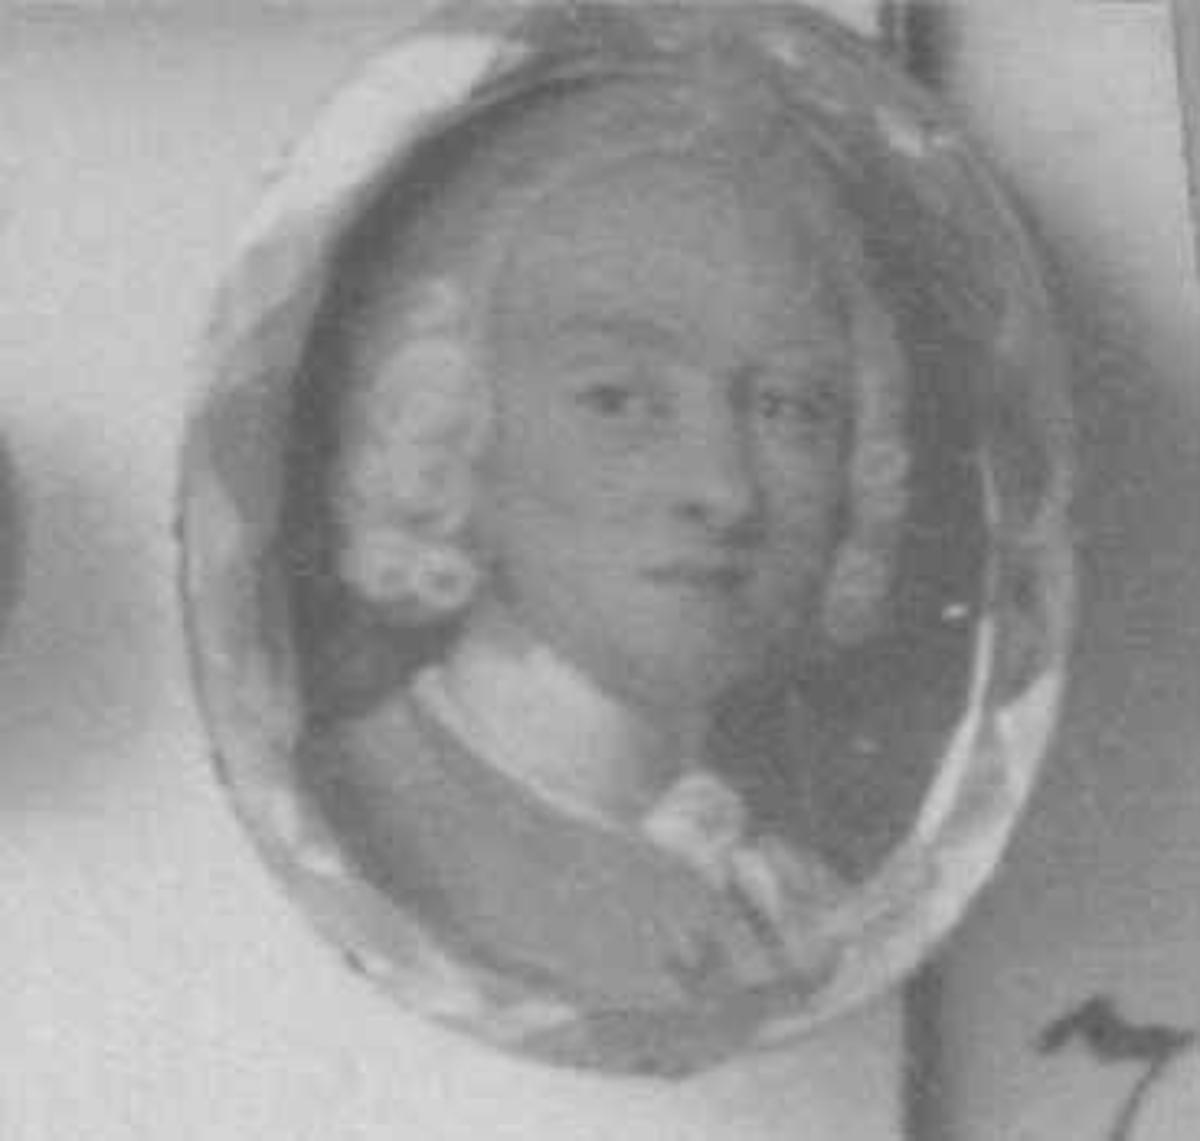 """Portretter, Colbjørnsen, Peder (1683-1738). I 1716 ble han valgt til """"Chef ved Svenskernes Indfald"""", angrepet på Fredrikshald, nå Halden.  Gift i Arendal 1720 med Hilleborg Dund (eller Duns). Fra Den kulturhistoriske Udstilling i Kristiania 1901."""